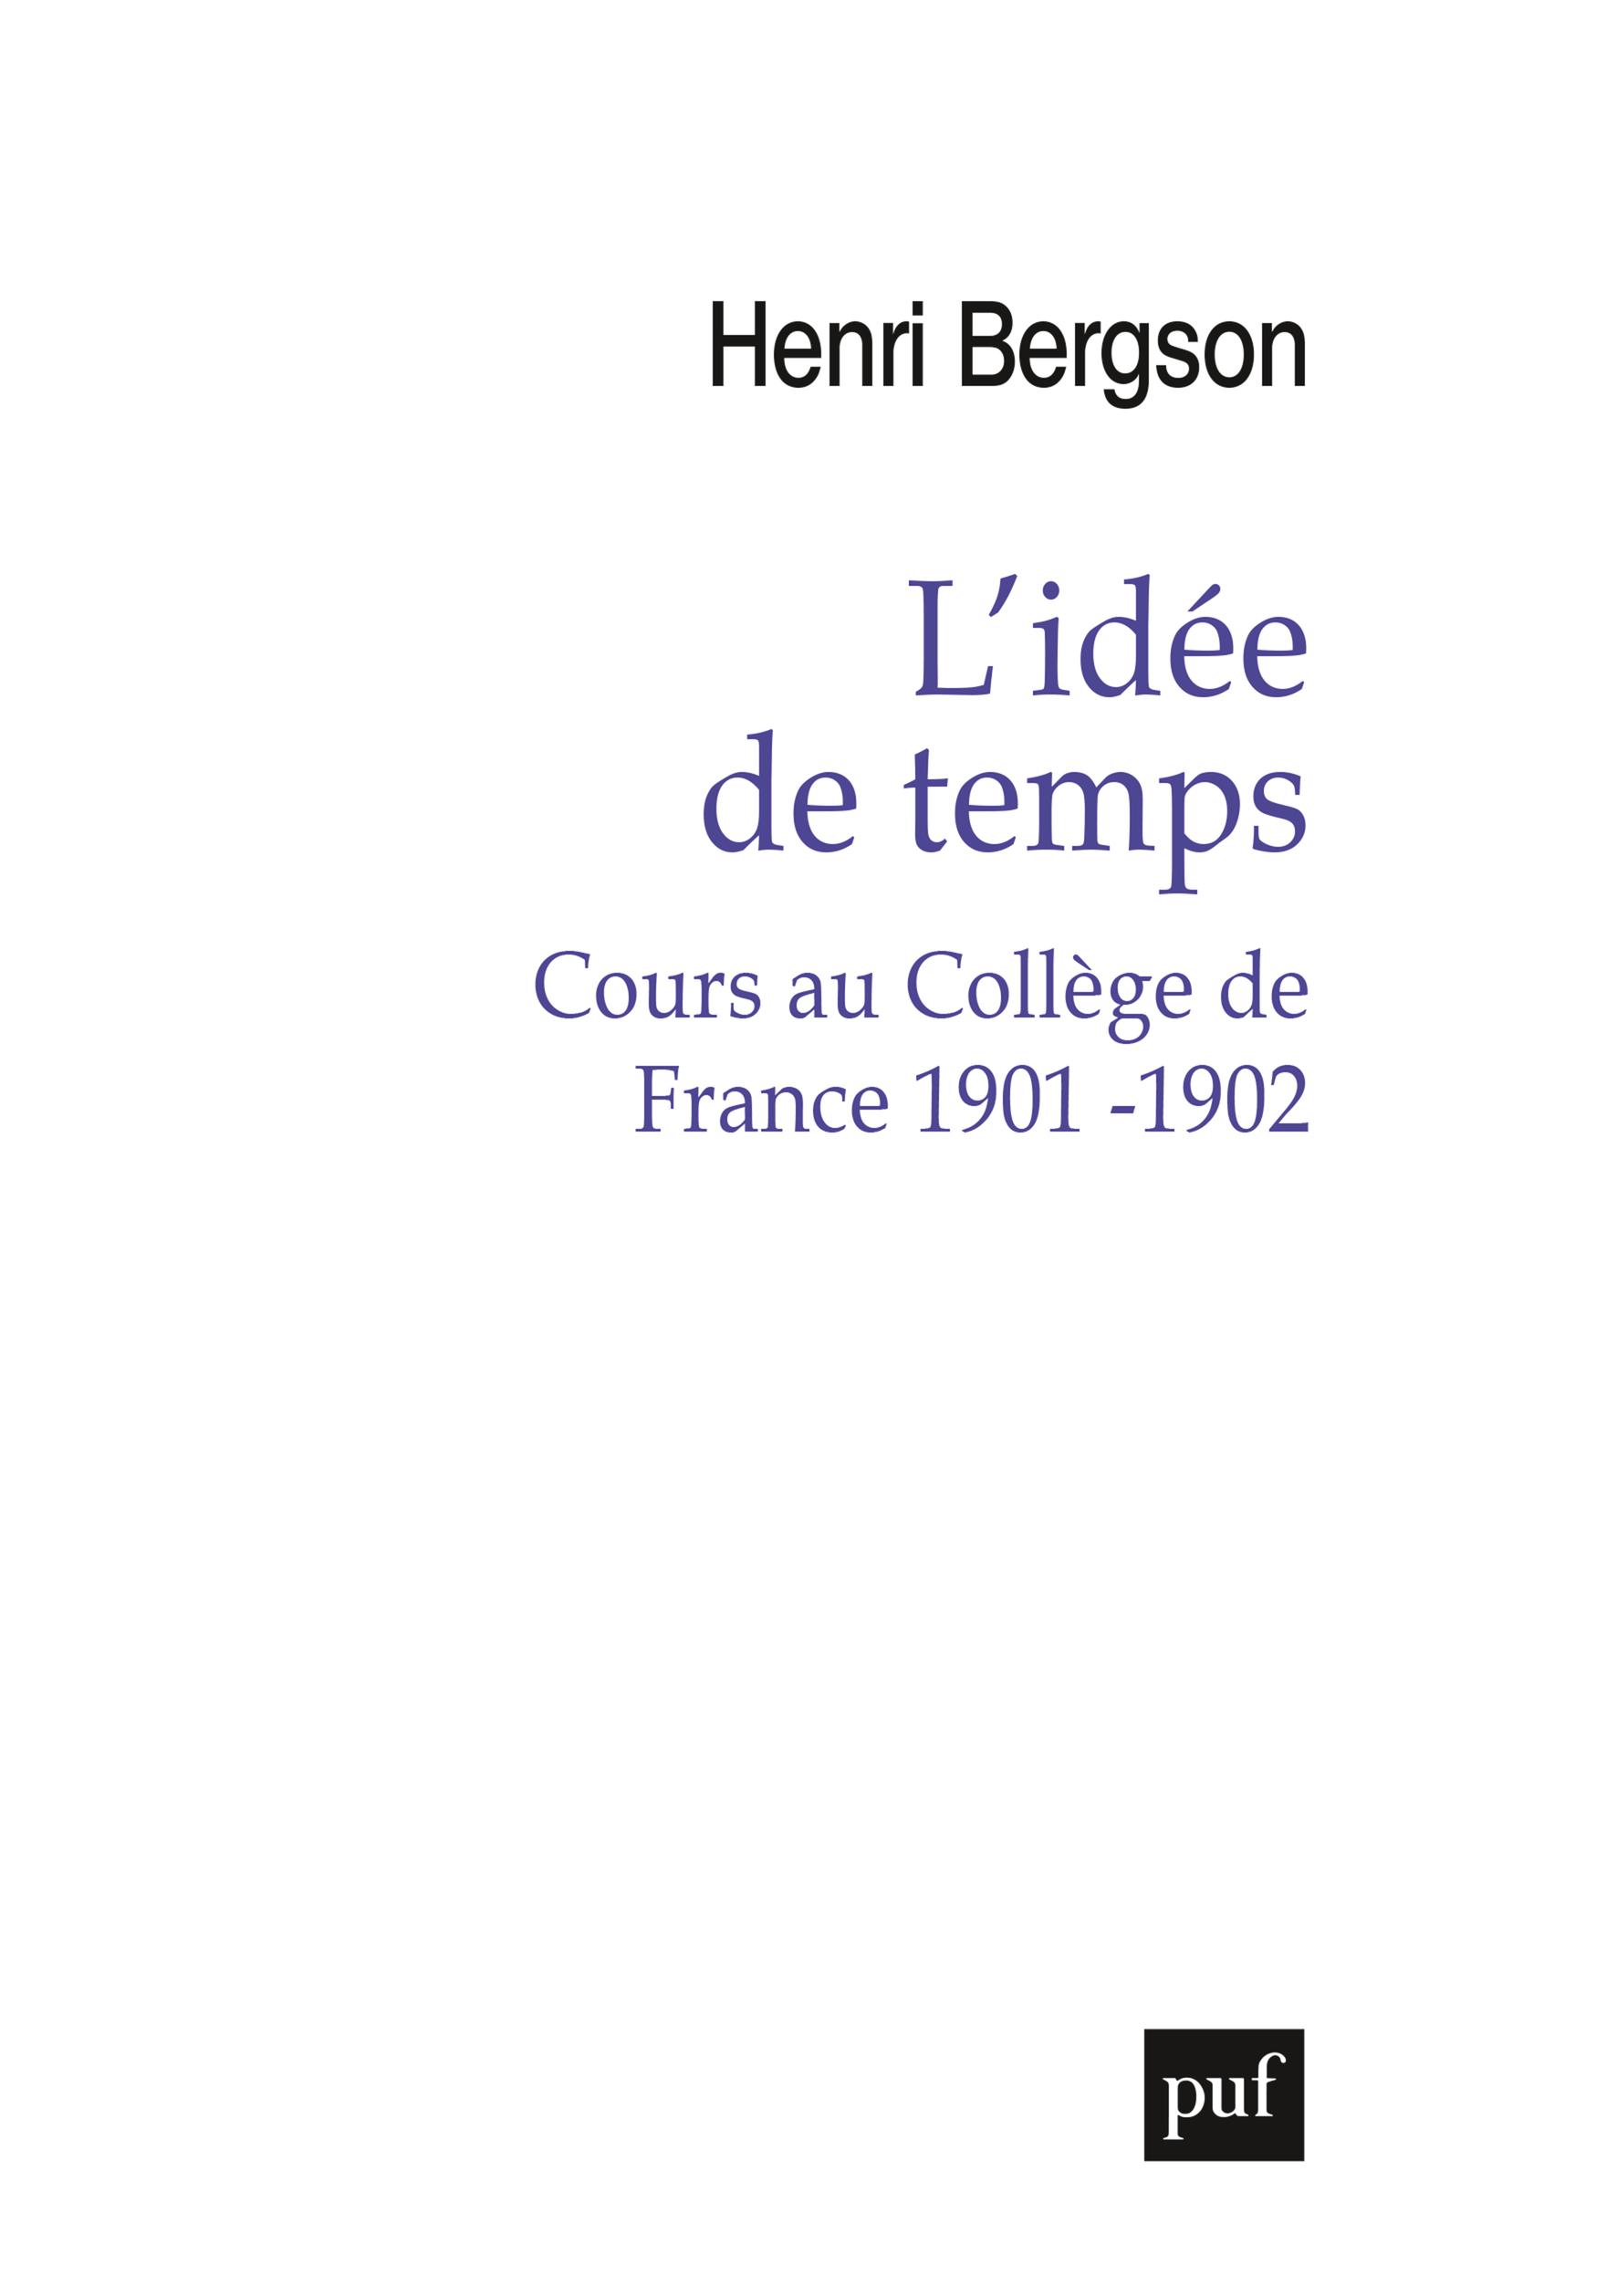 L'IDEE DE TEMPS - COURS AU COLLEGE DE FRANCE 1901 - 1902